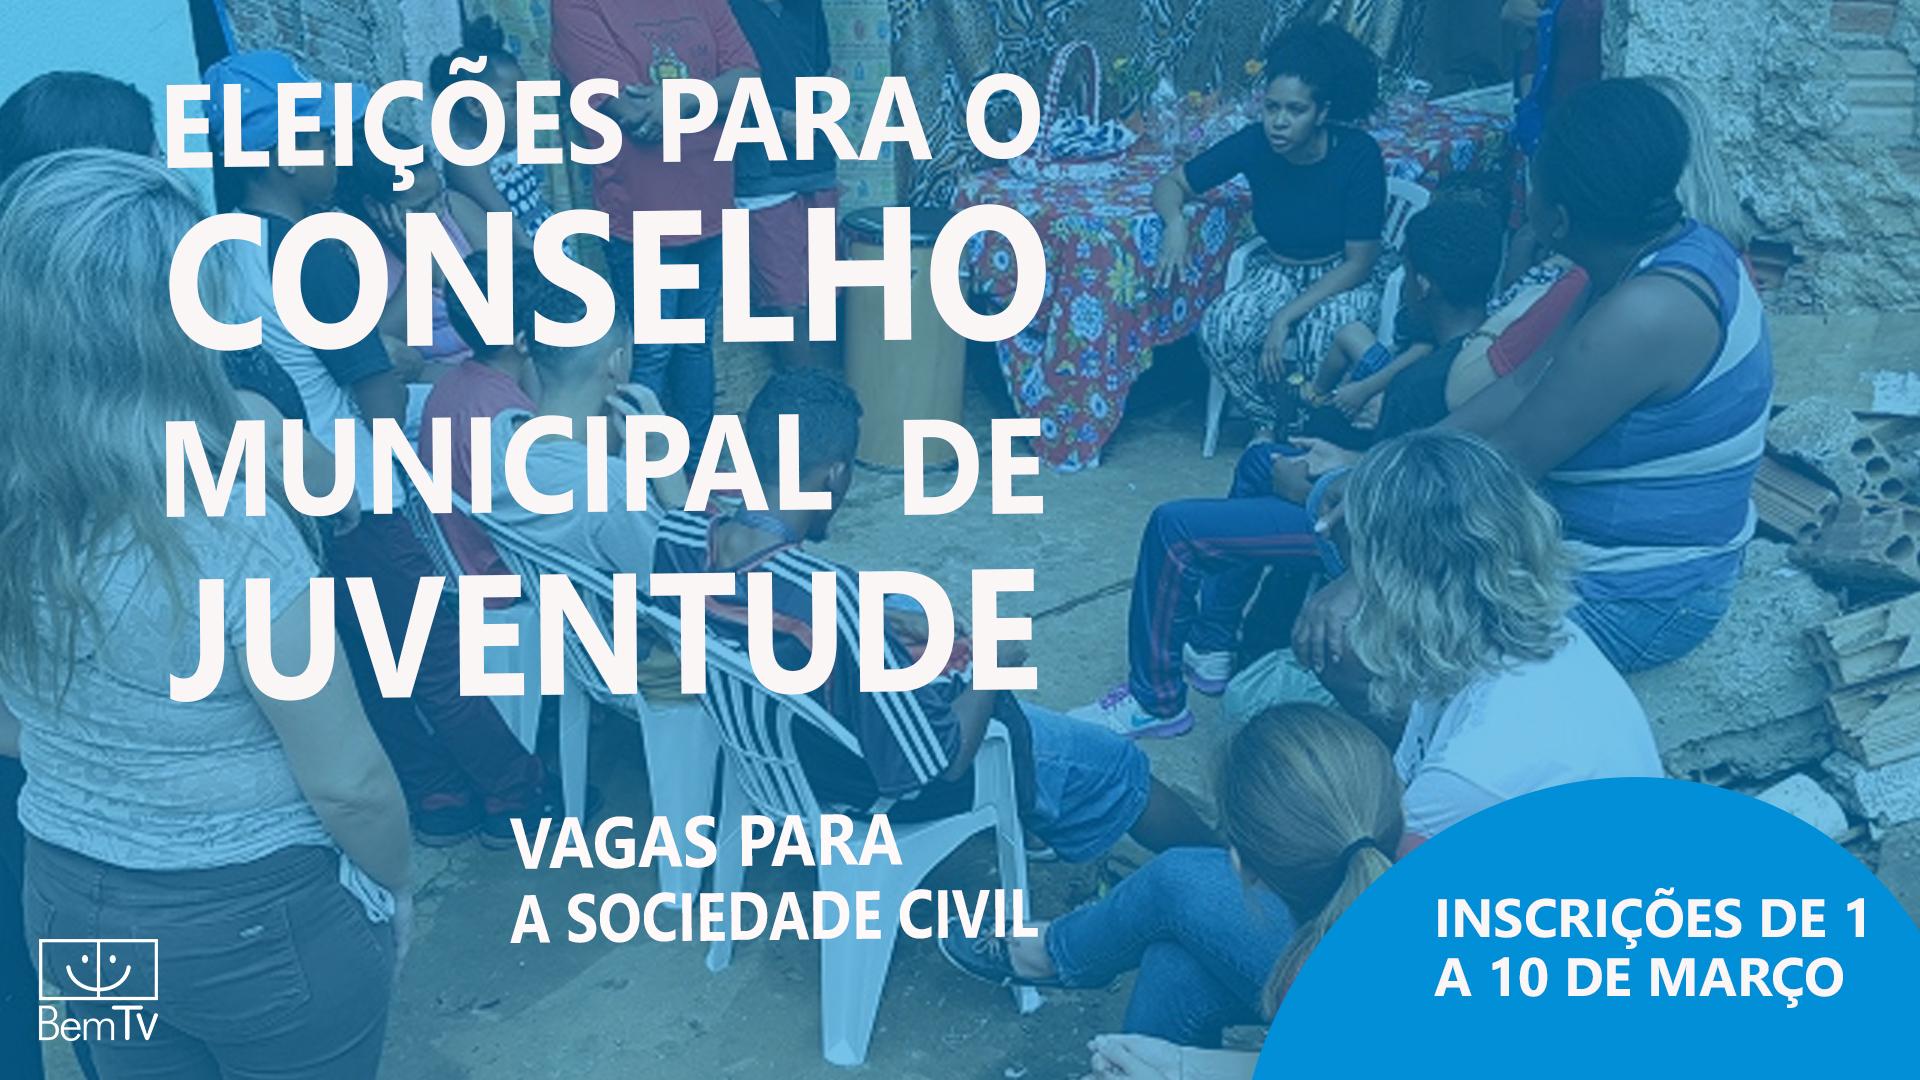 eleição para o conselho municipal de juventude de Niterói